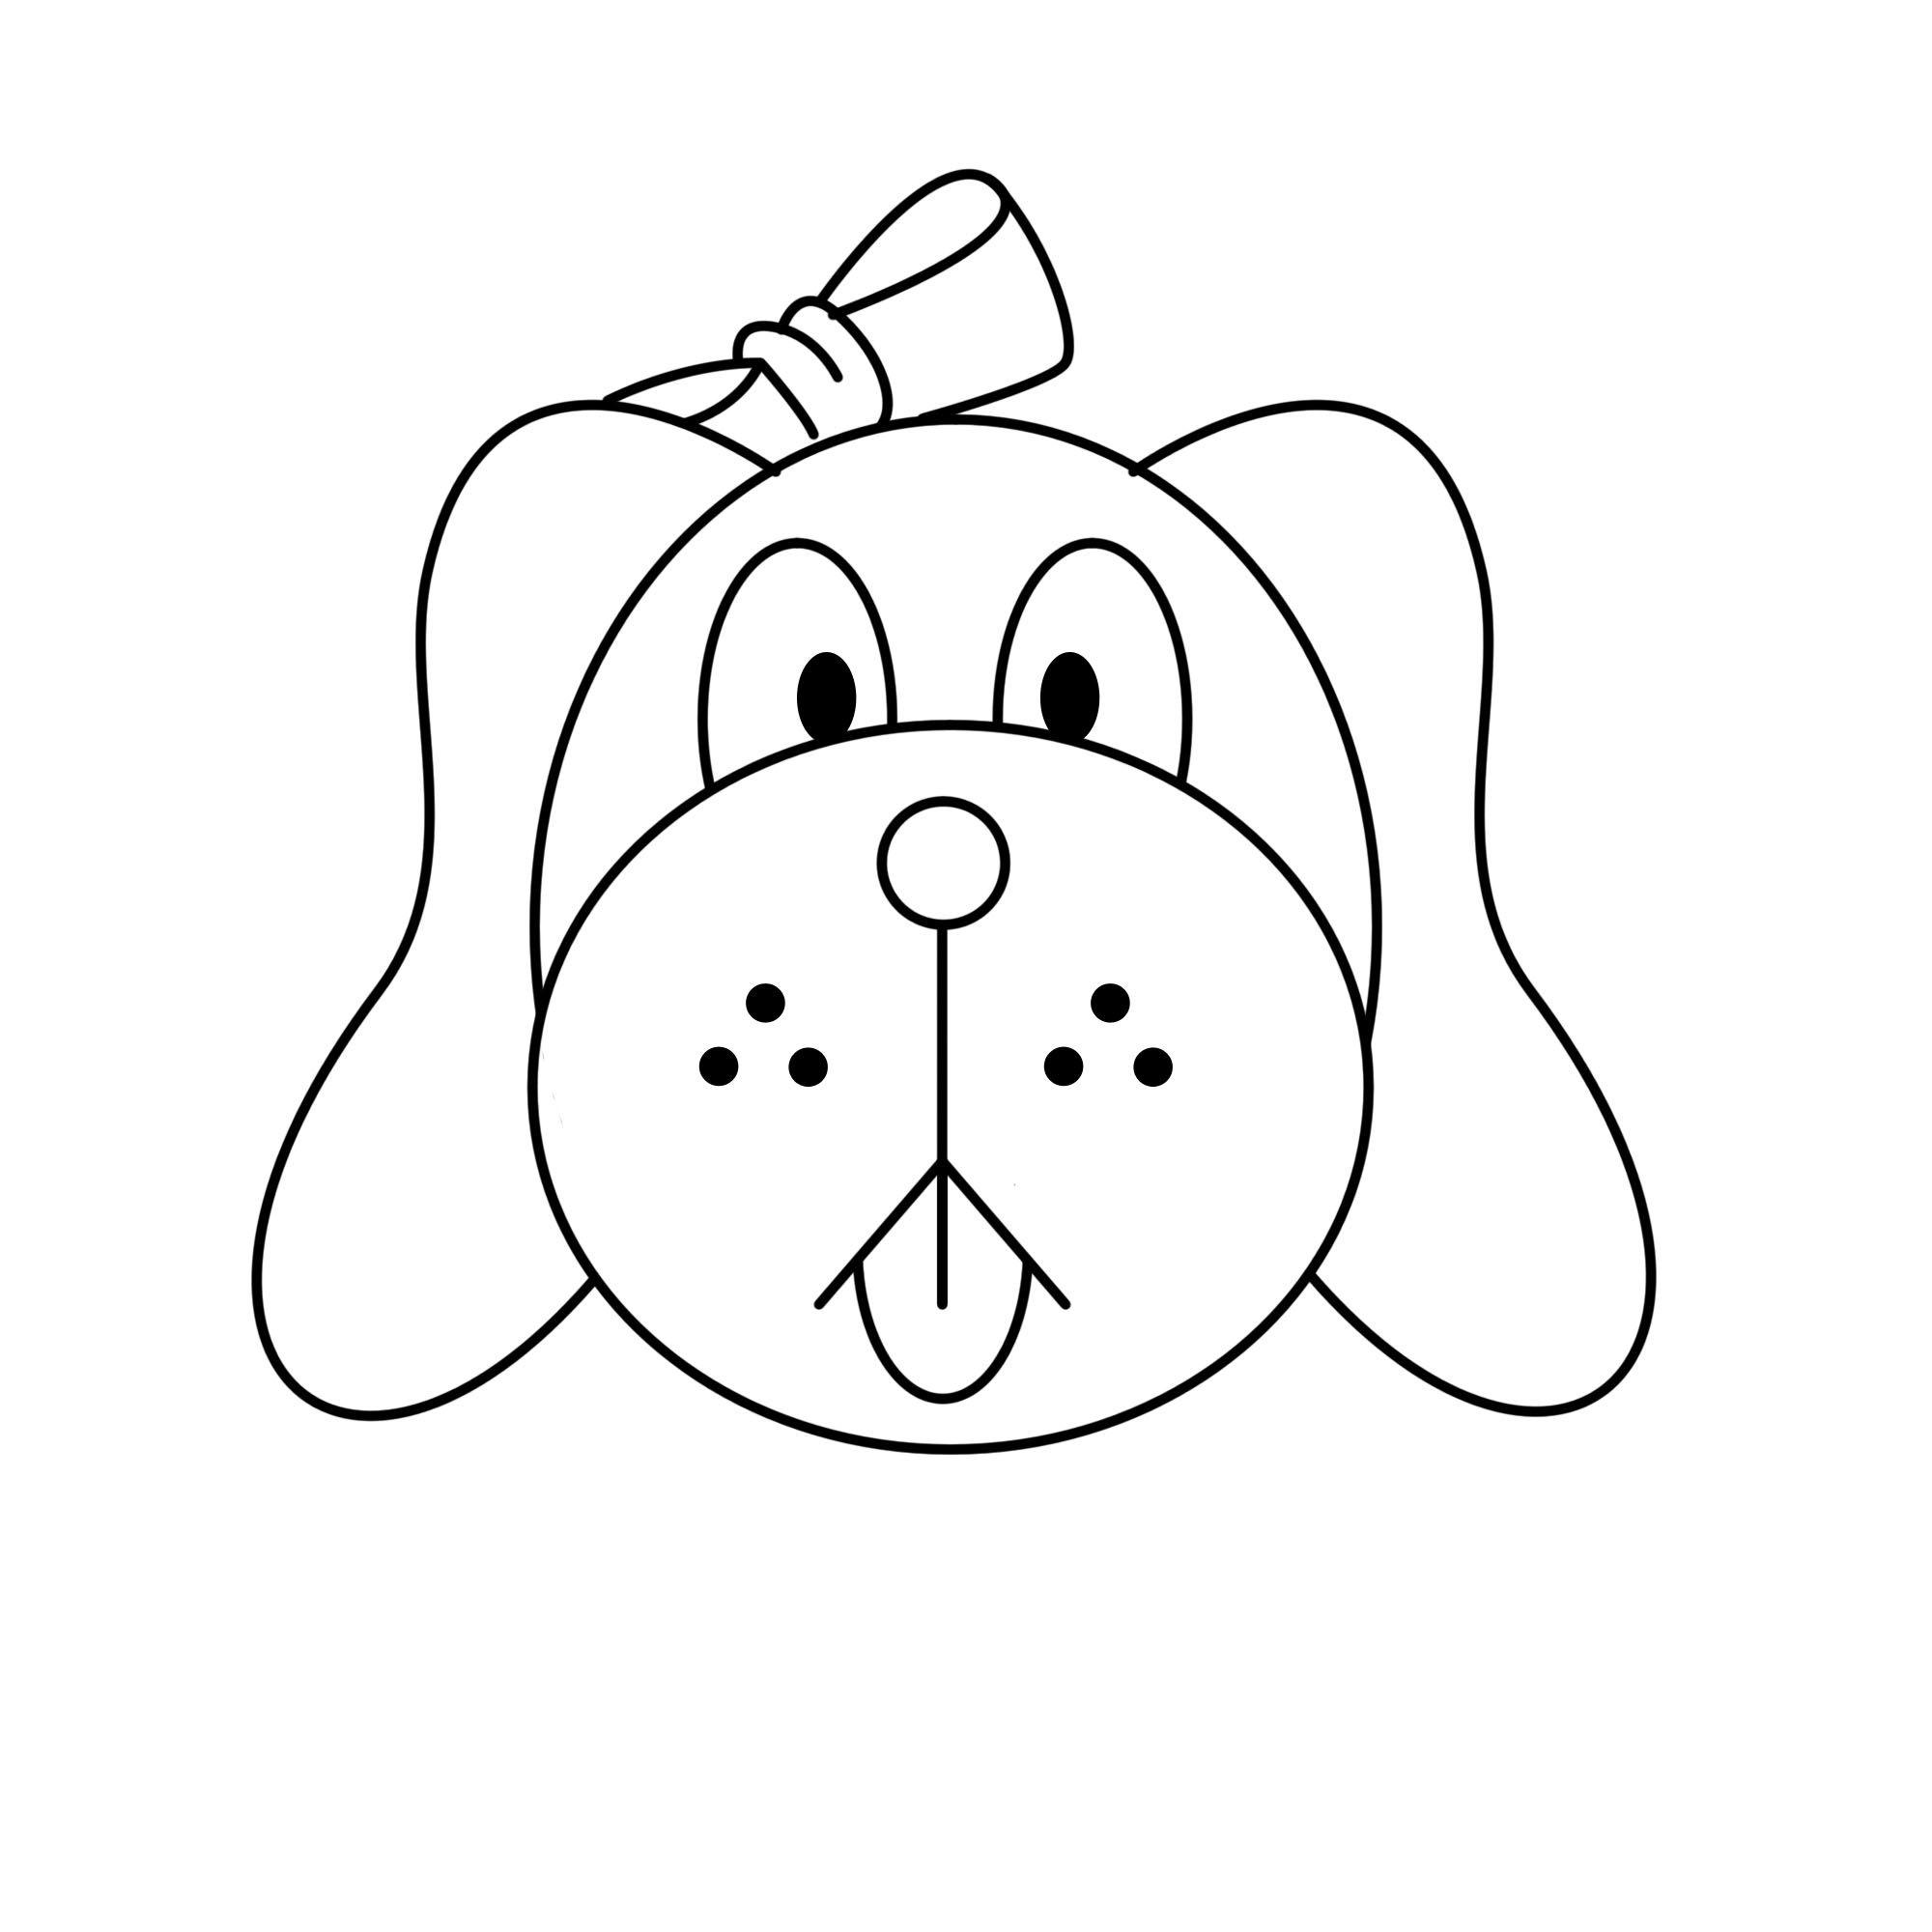 Draw A Dog Face